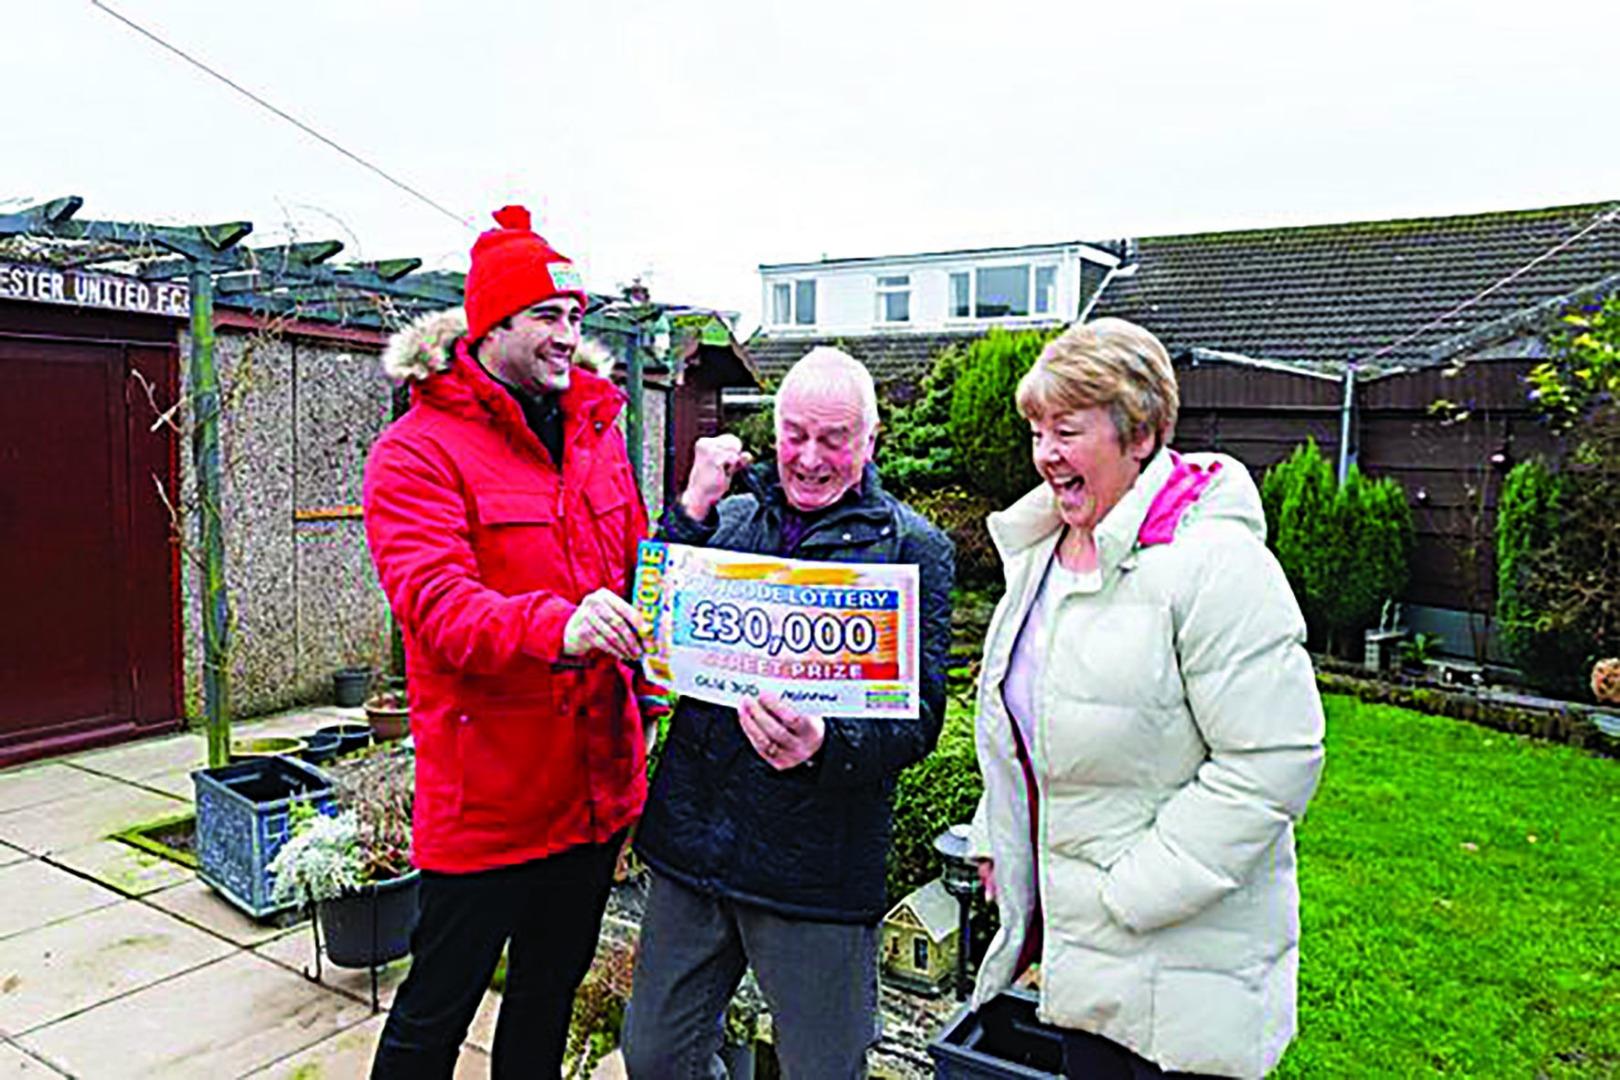 Neighbours win £30k lottery cash